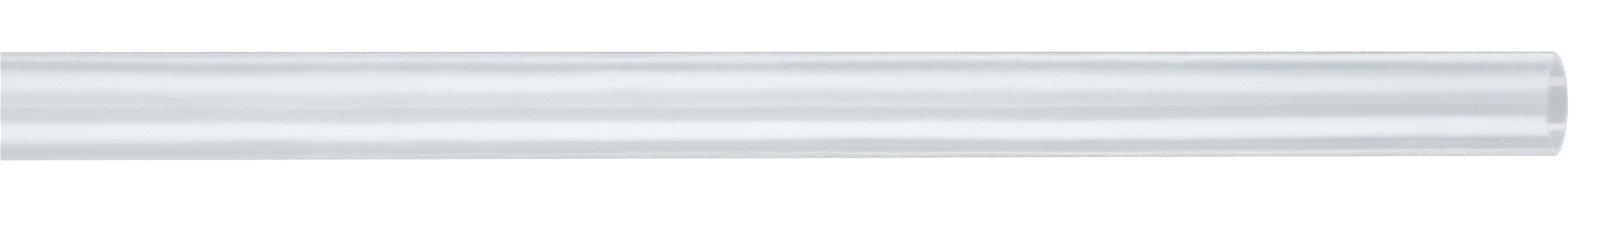 YourLED Verbinder 15cm Water-Protection Schrumpfschlauch 14mm Transparent